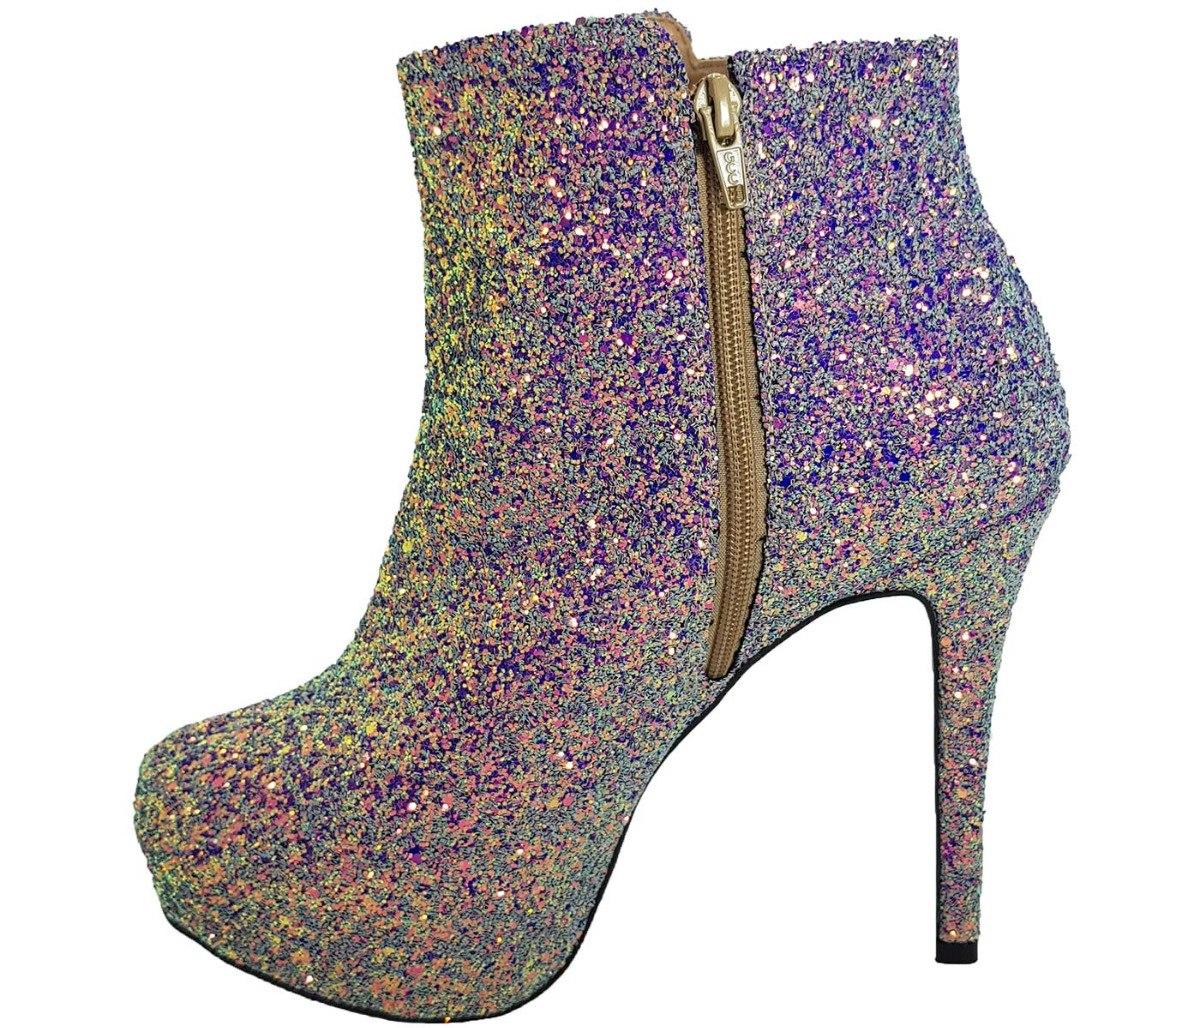 c870c54ca4 bota feminina salto alto glitter numeração especial cód 28. Carregando zoom.